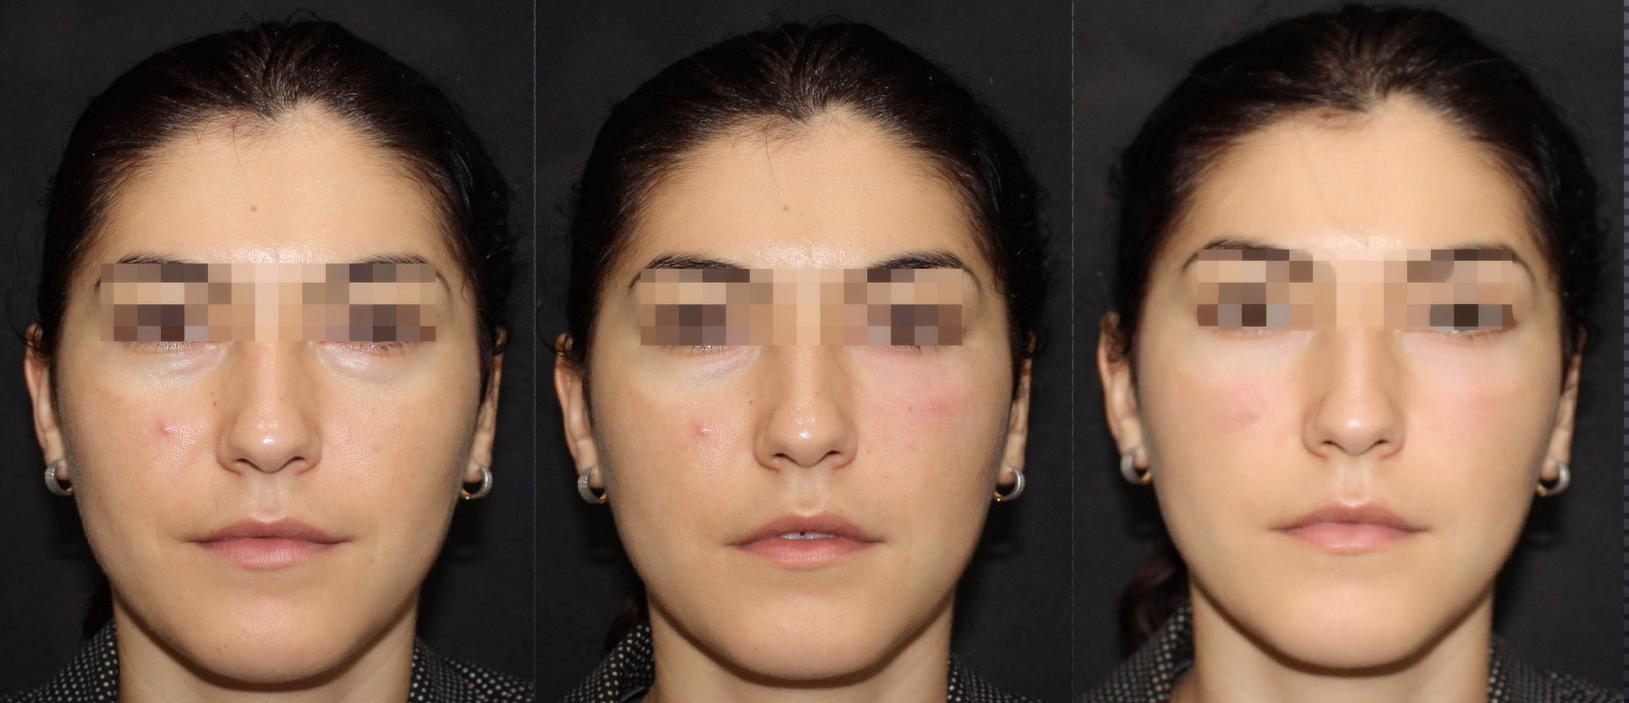 eye revival program SW1 clinic